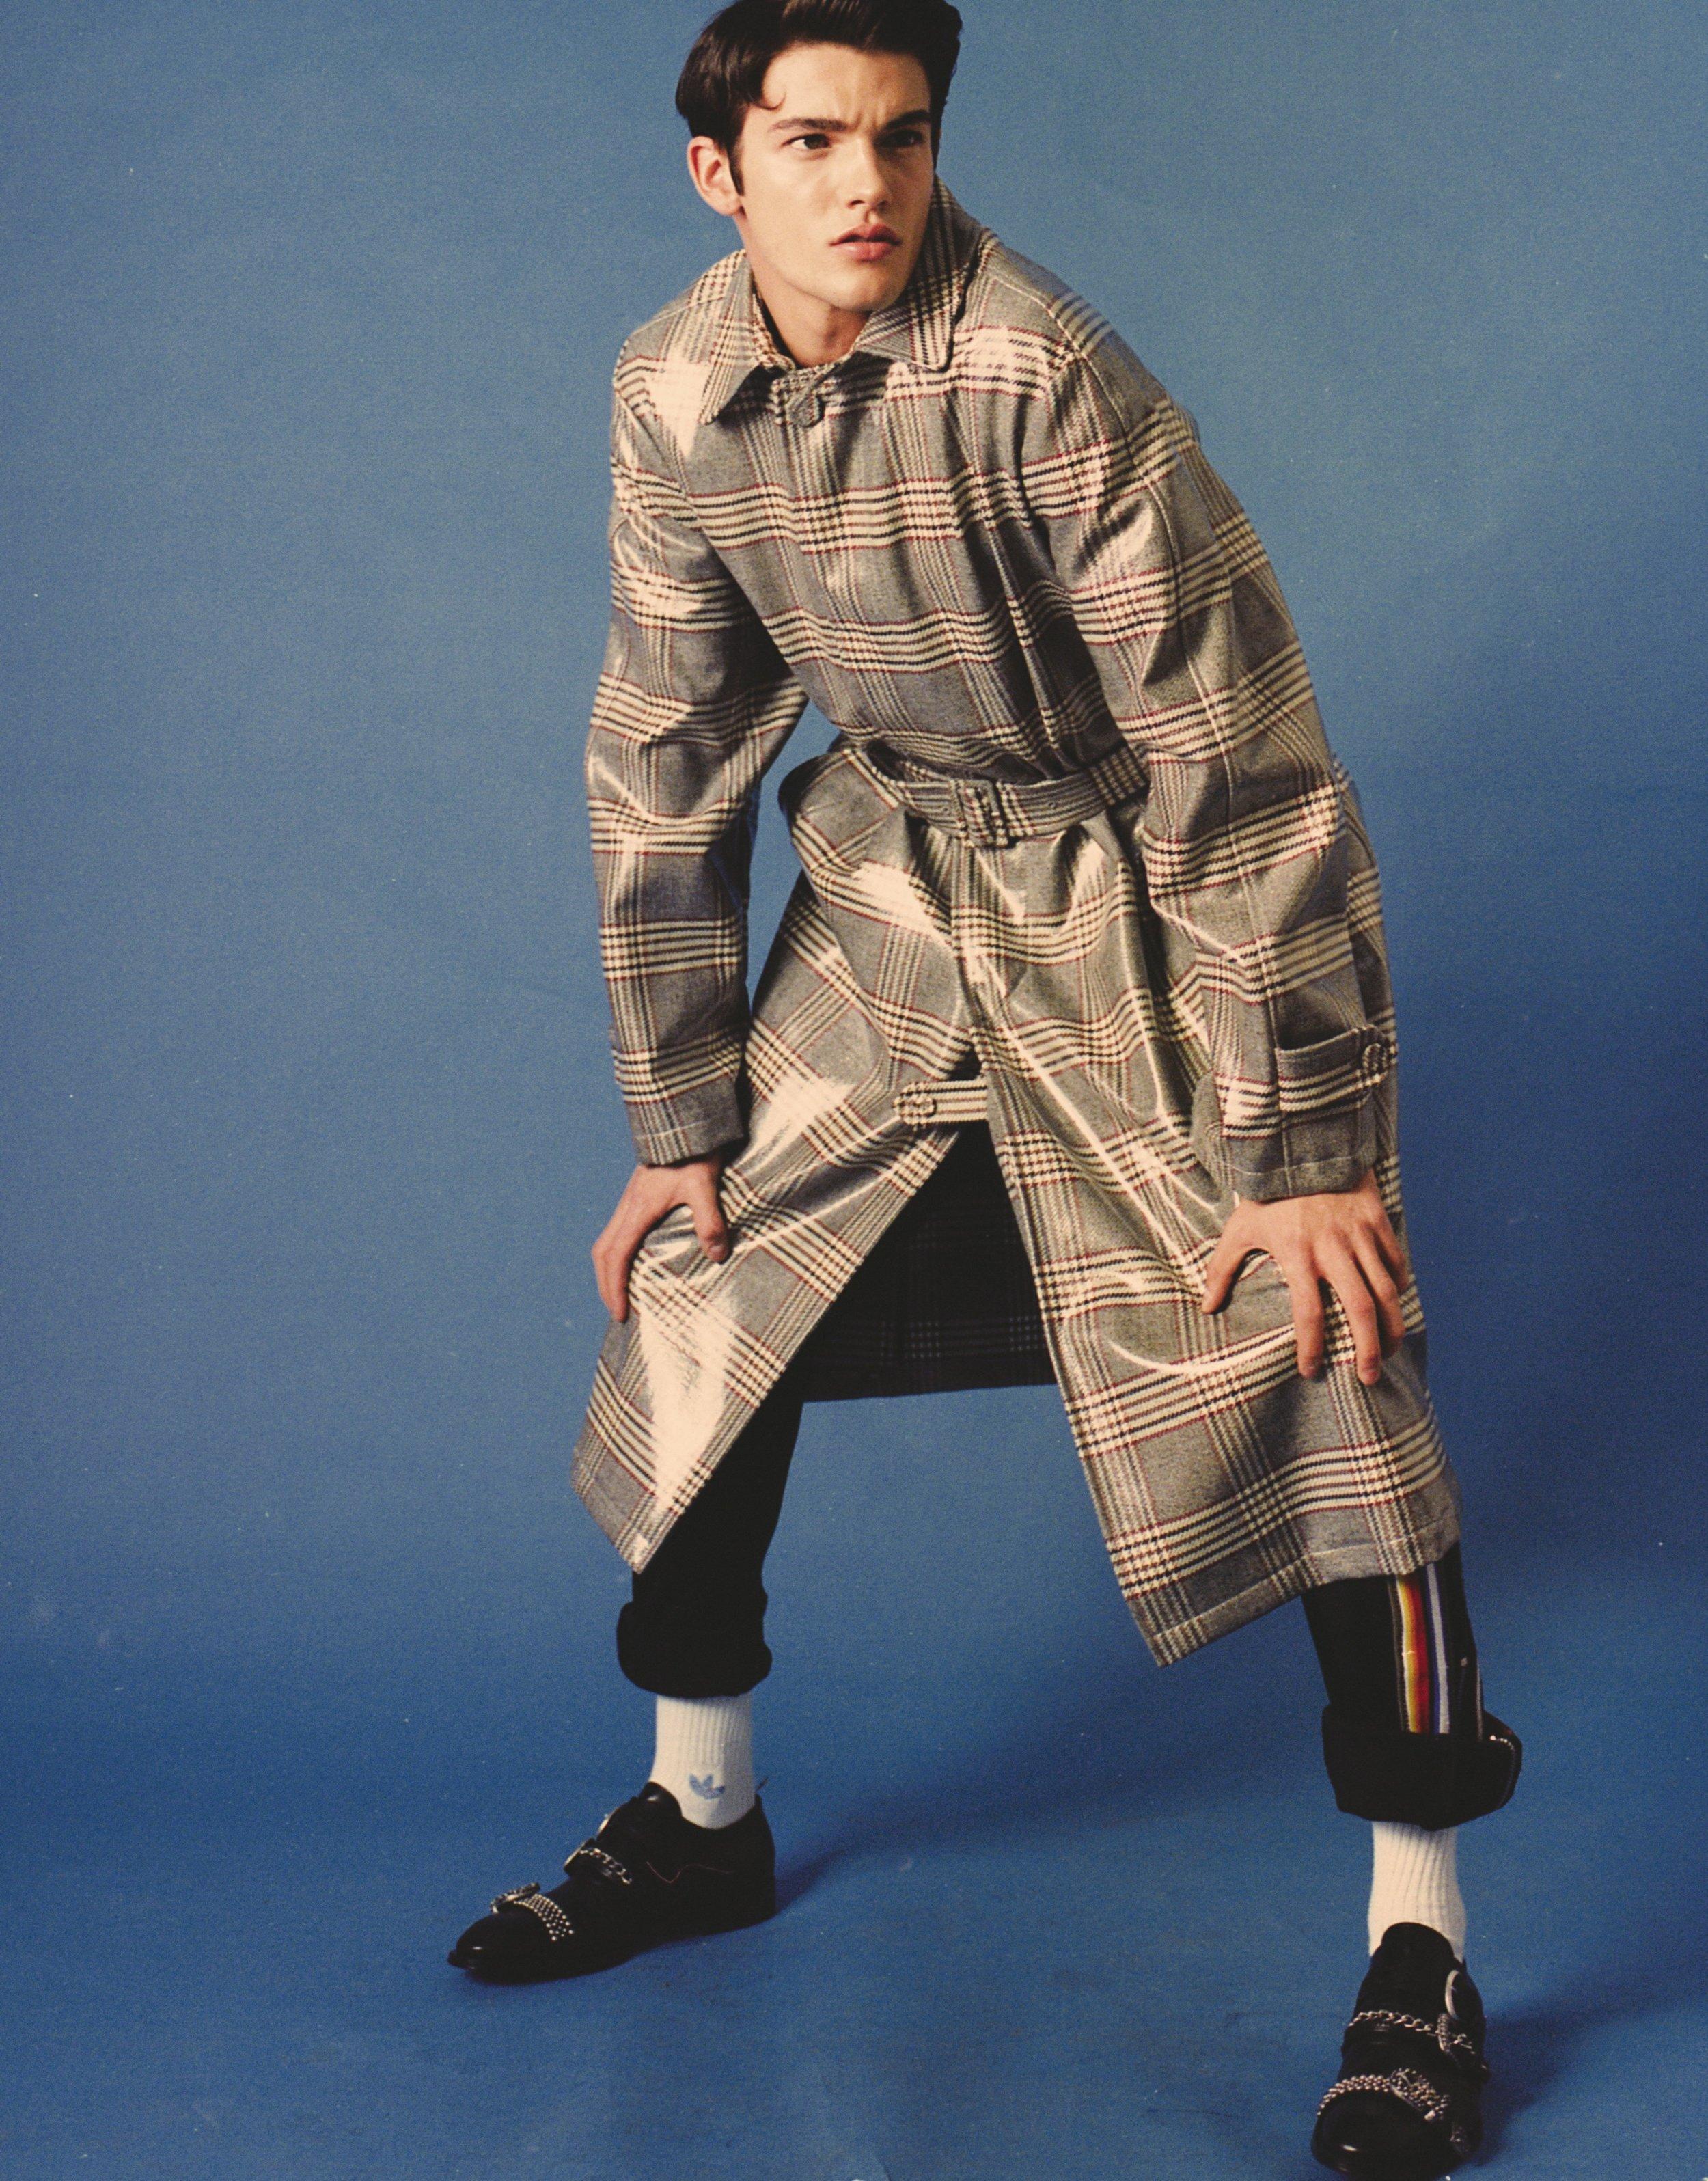 Abrigo de  FENDI , pantalón de  ICEBERG , calcetines de  ADIDAS  y zapatos de  CESARE PIACIOTTI.